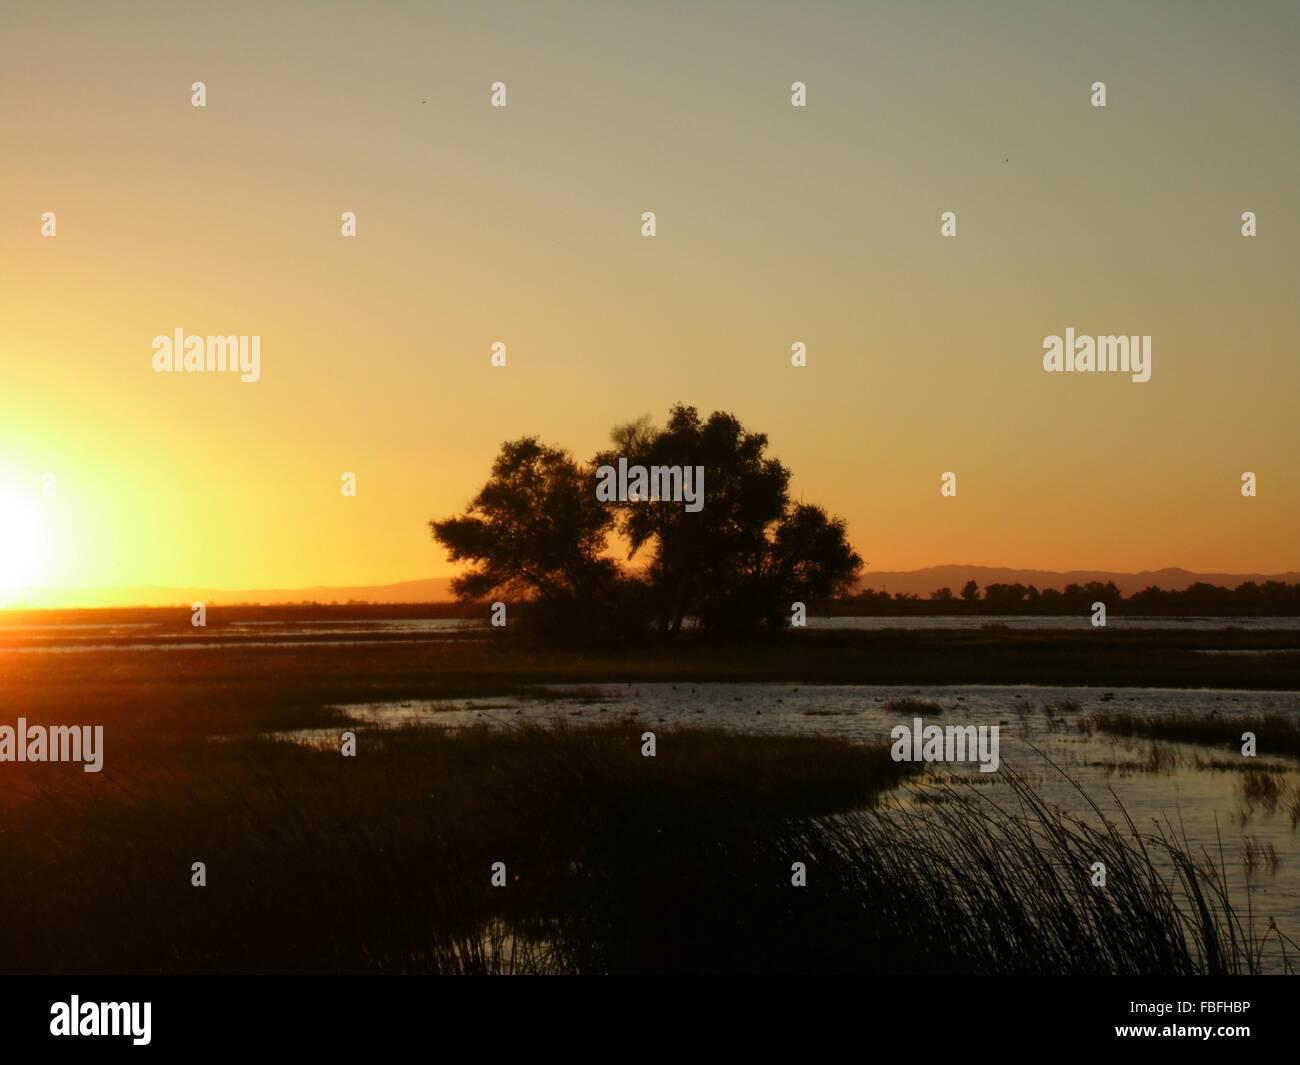 Árboles en campo contra el cielo del atardecer Imagen De Stock